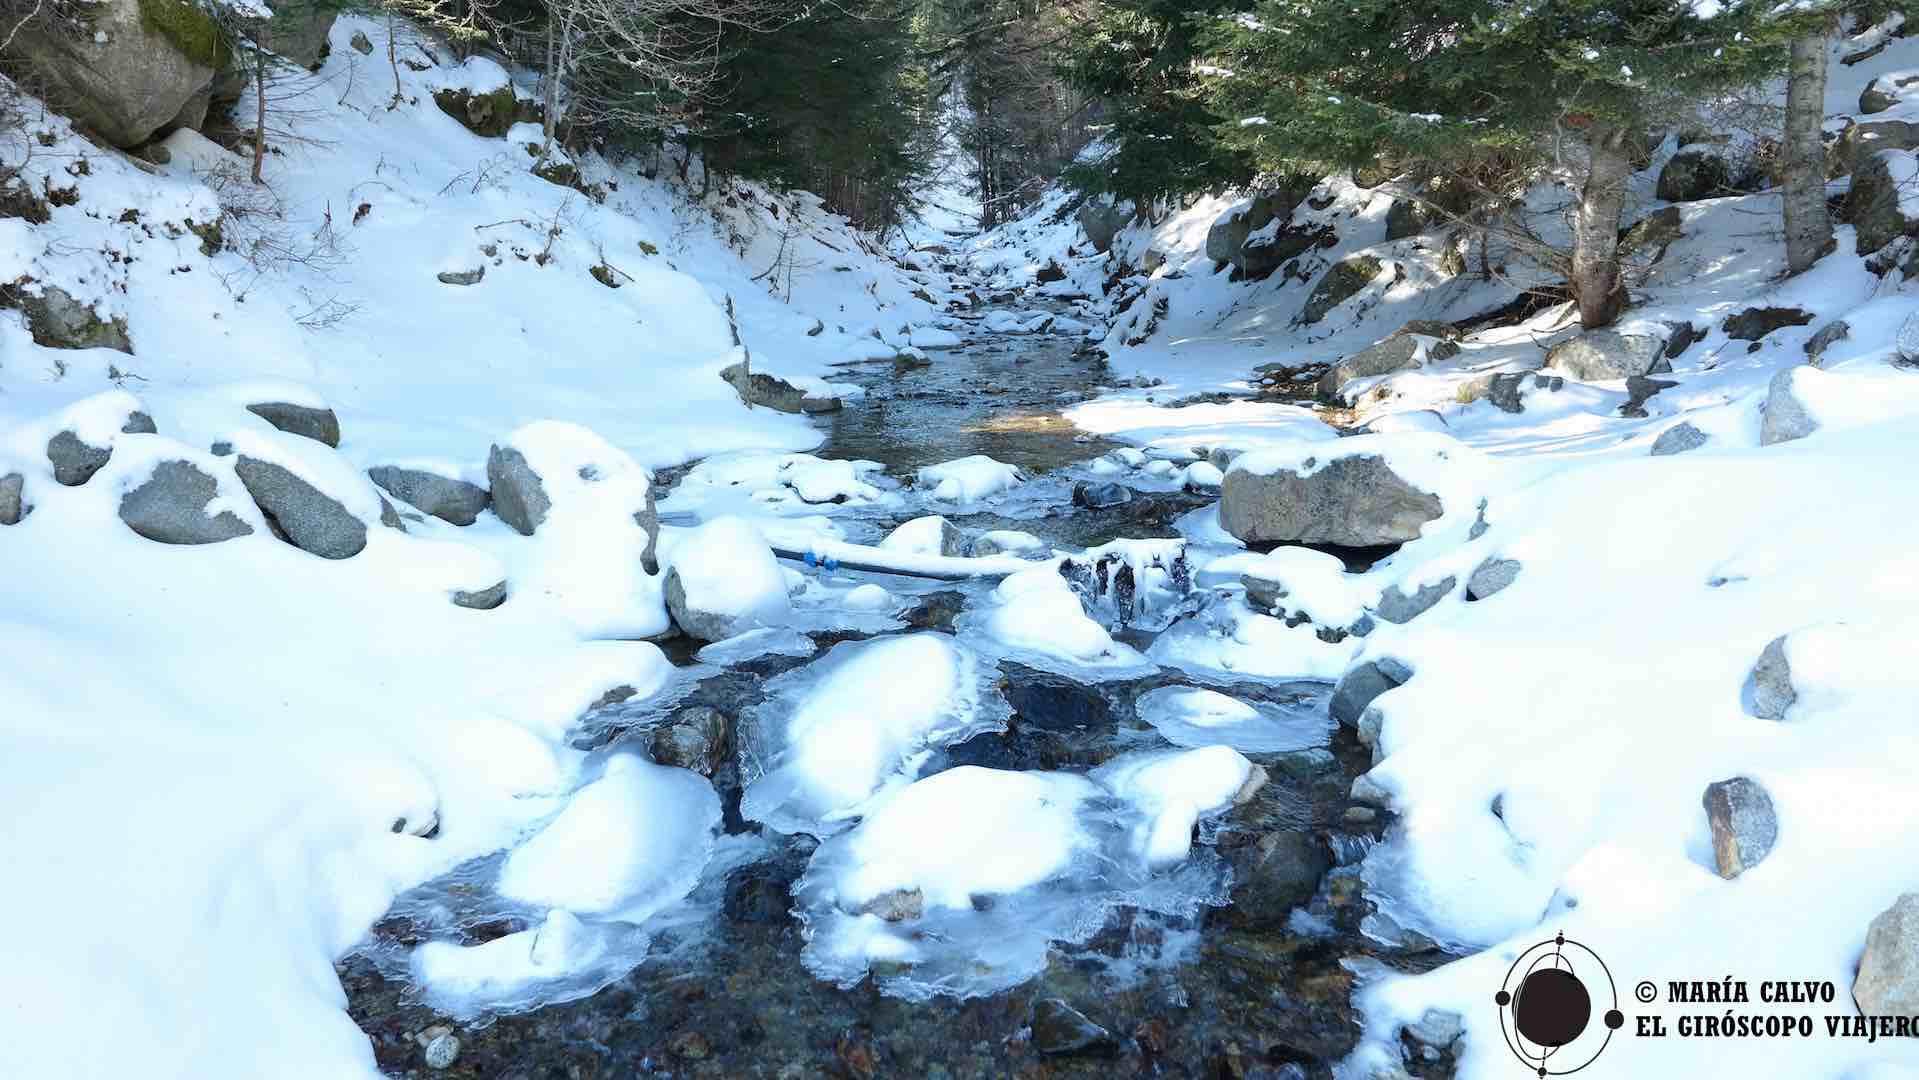 En el riachuelo Castellane, las rocas son como islas cubiertas de nieve